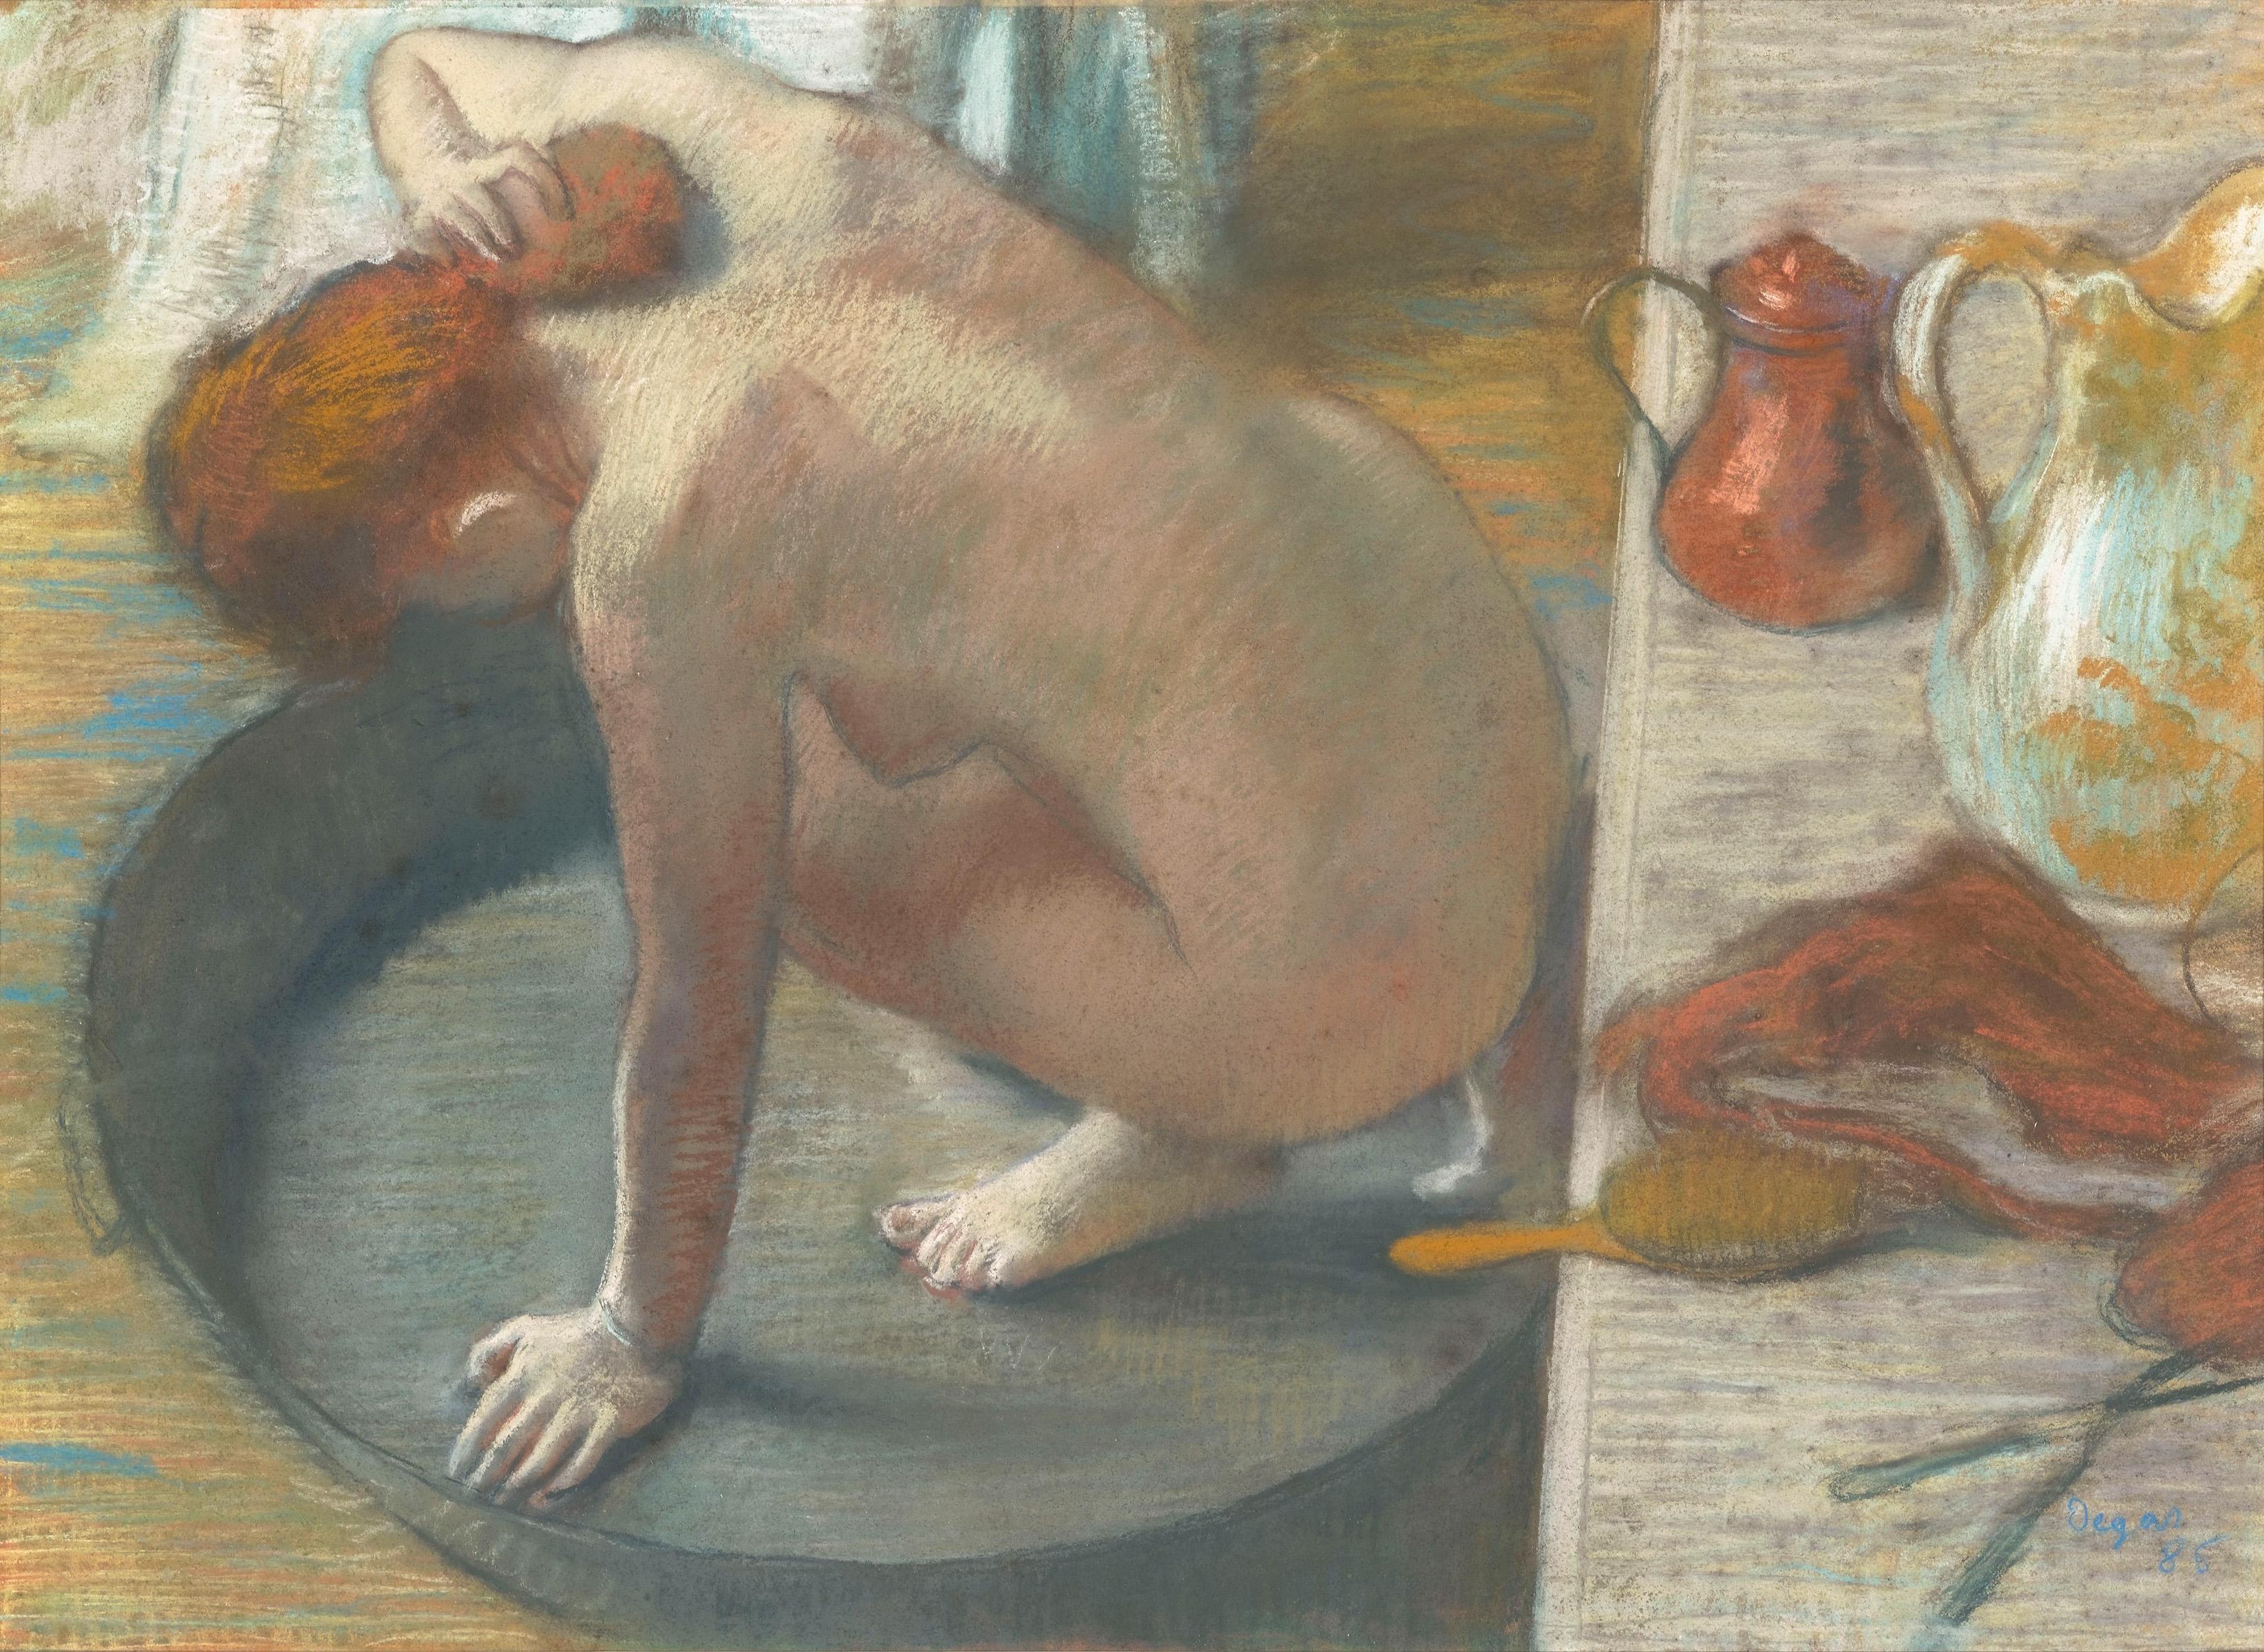 The Tub By Edgar Degas | AP Art History 2015-2016